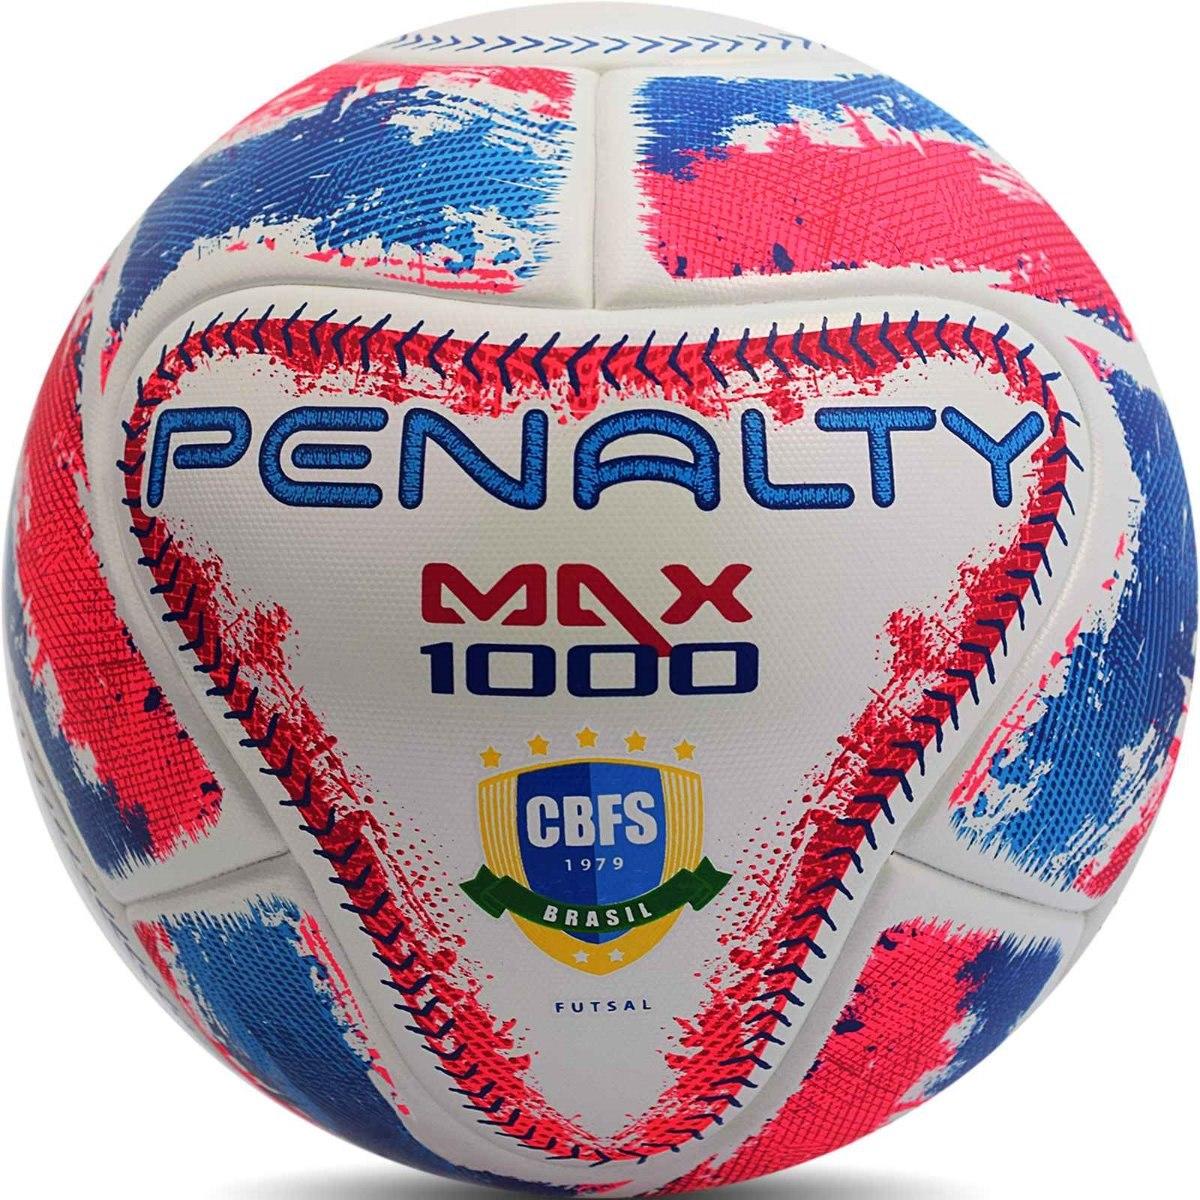 be2ab25c8 promoção bola penalty max 1000 pronta entrega 100% original. Carregando  zoom.